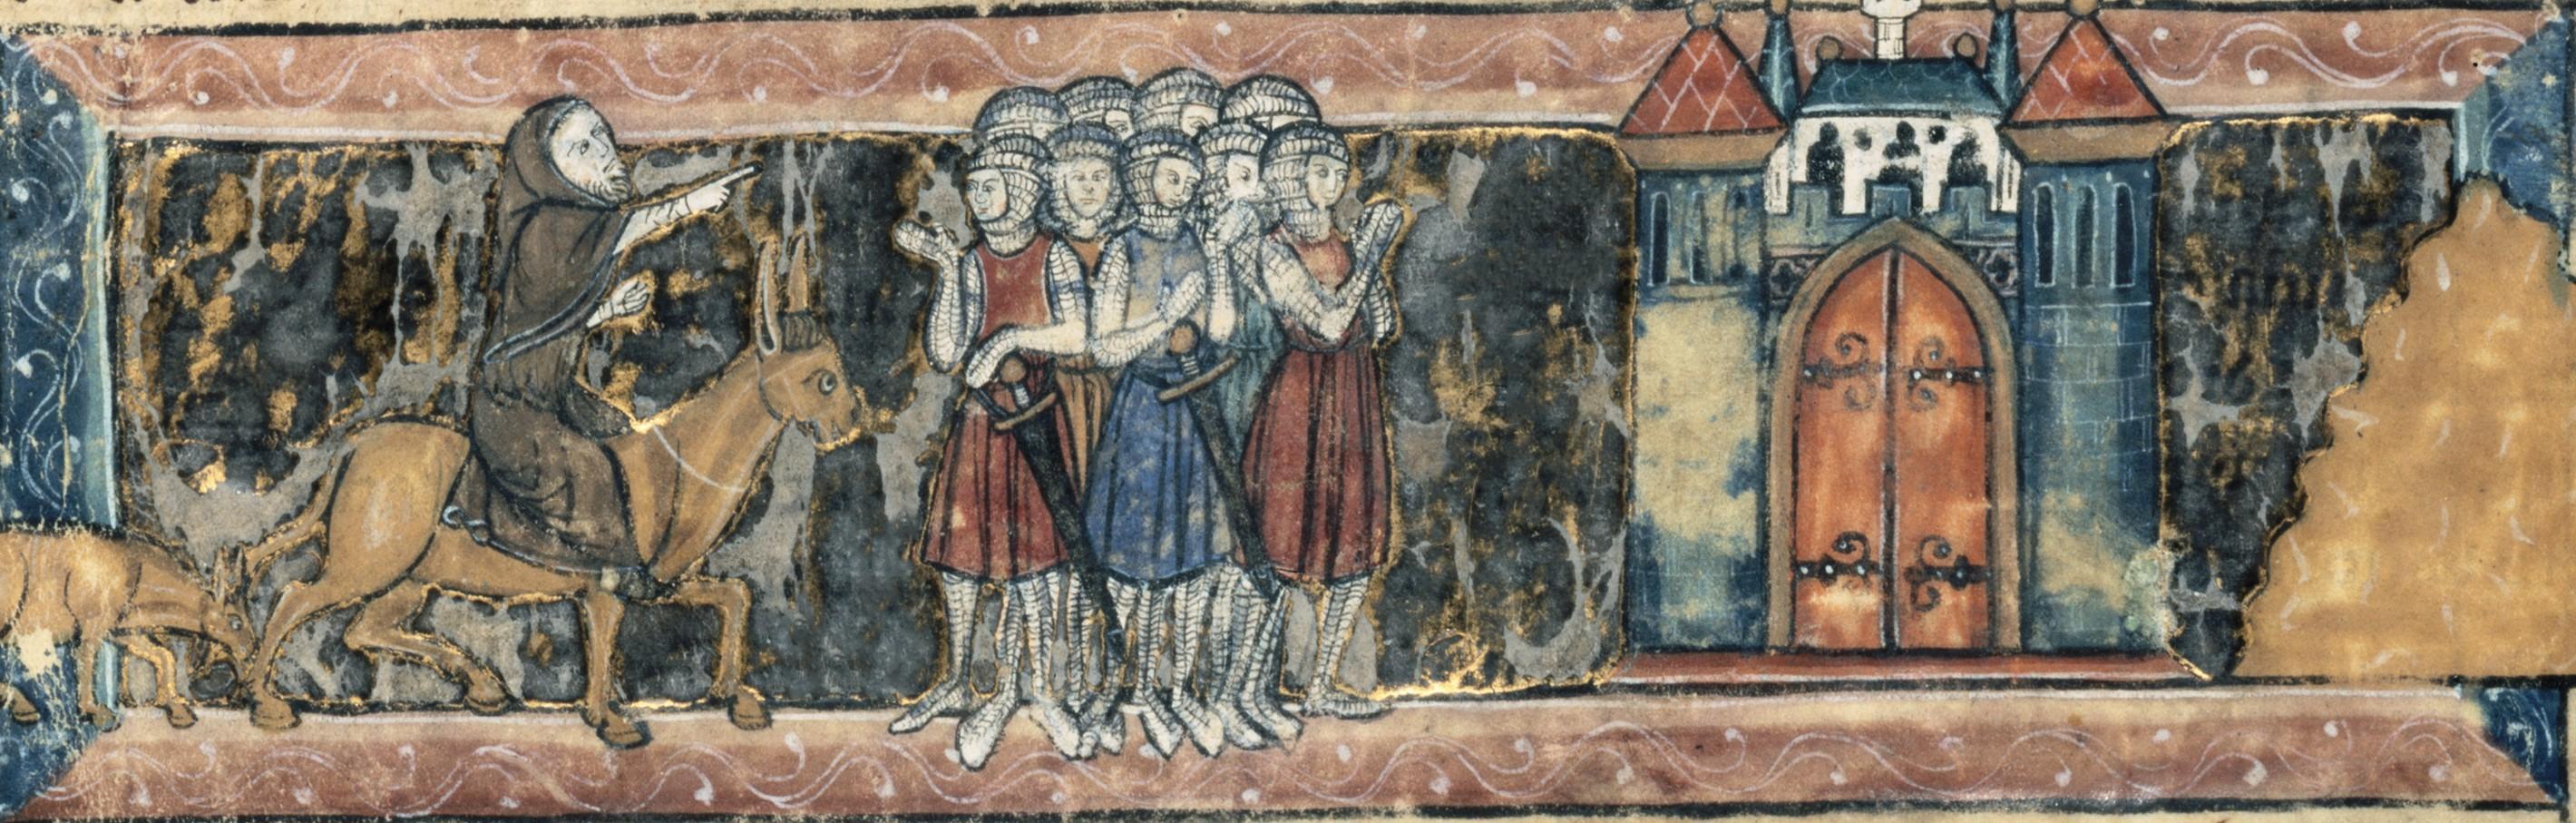 Pierre l'Ermite prêche la croisade, enluminure dans un manuscrit du Roman du Chevalier au Cygne, fin du XIIIe siècle